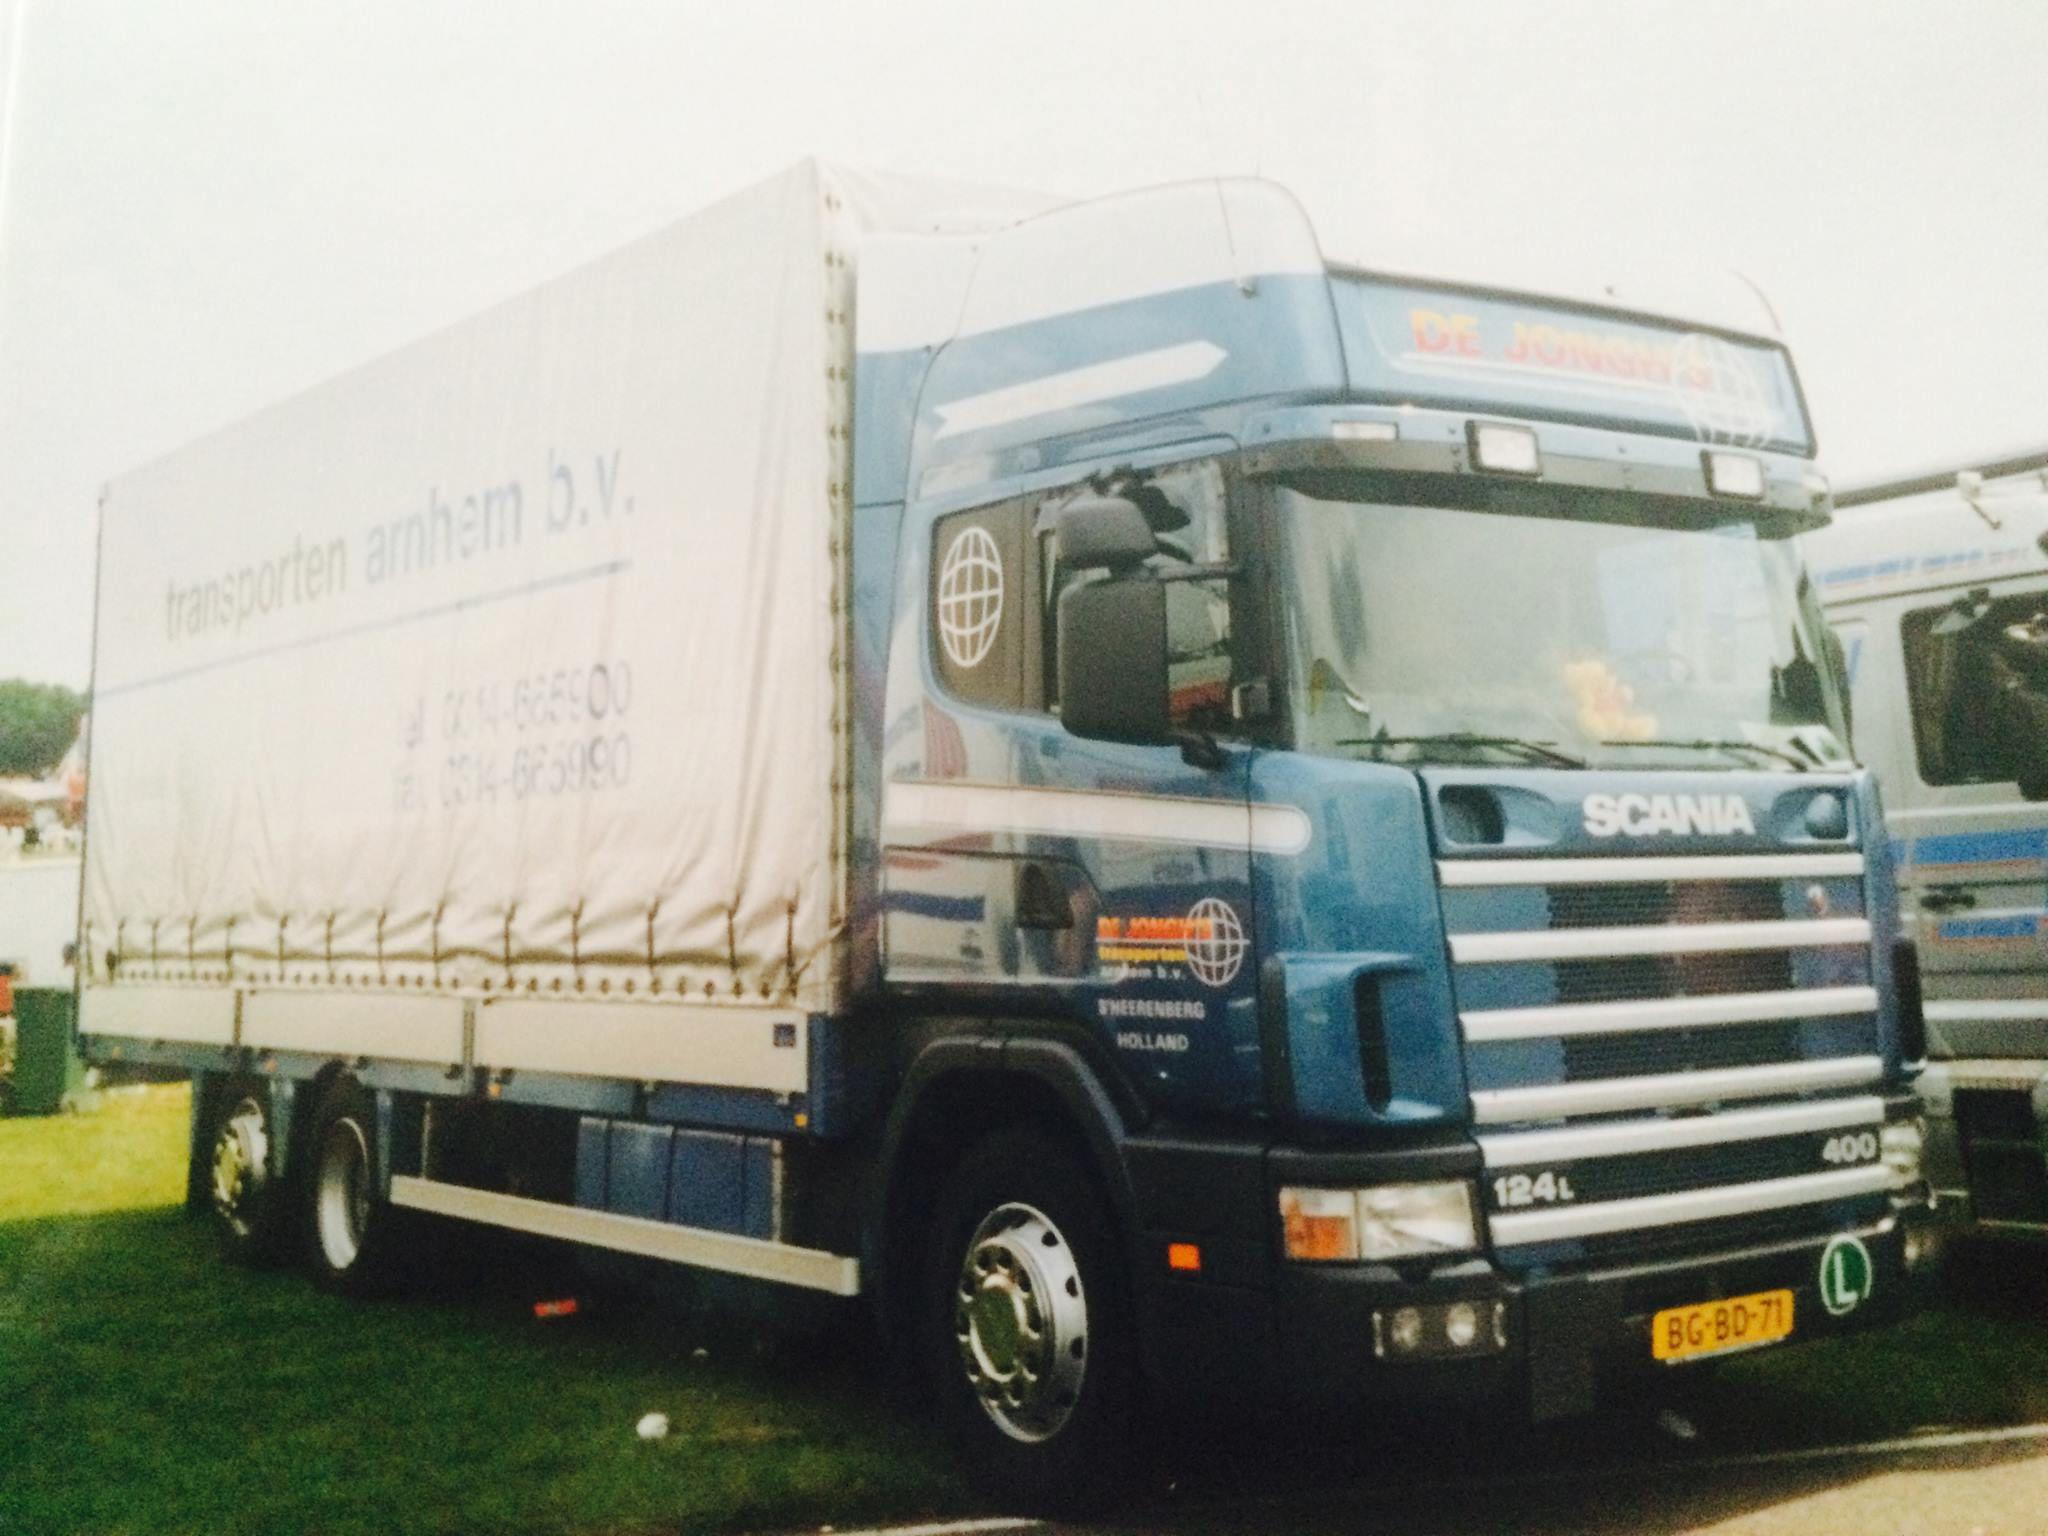 Scania-124-L-BG-BD-71